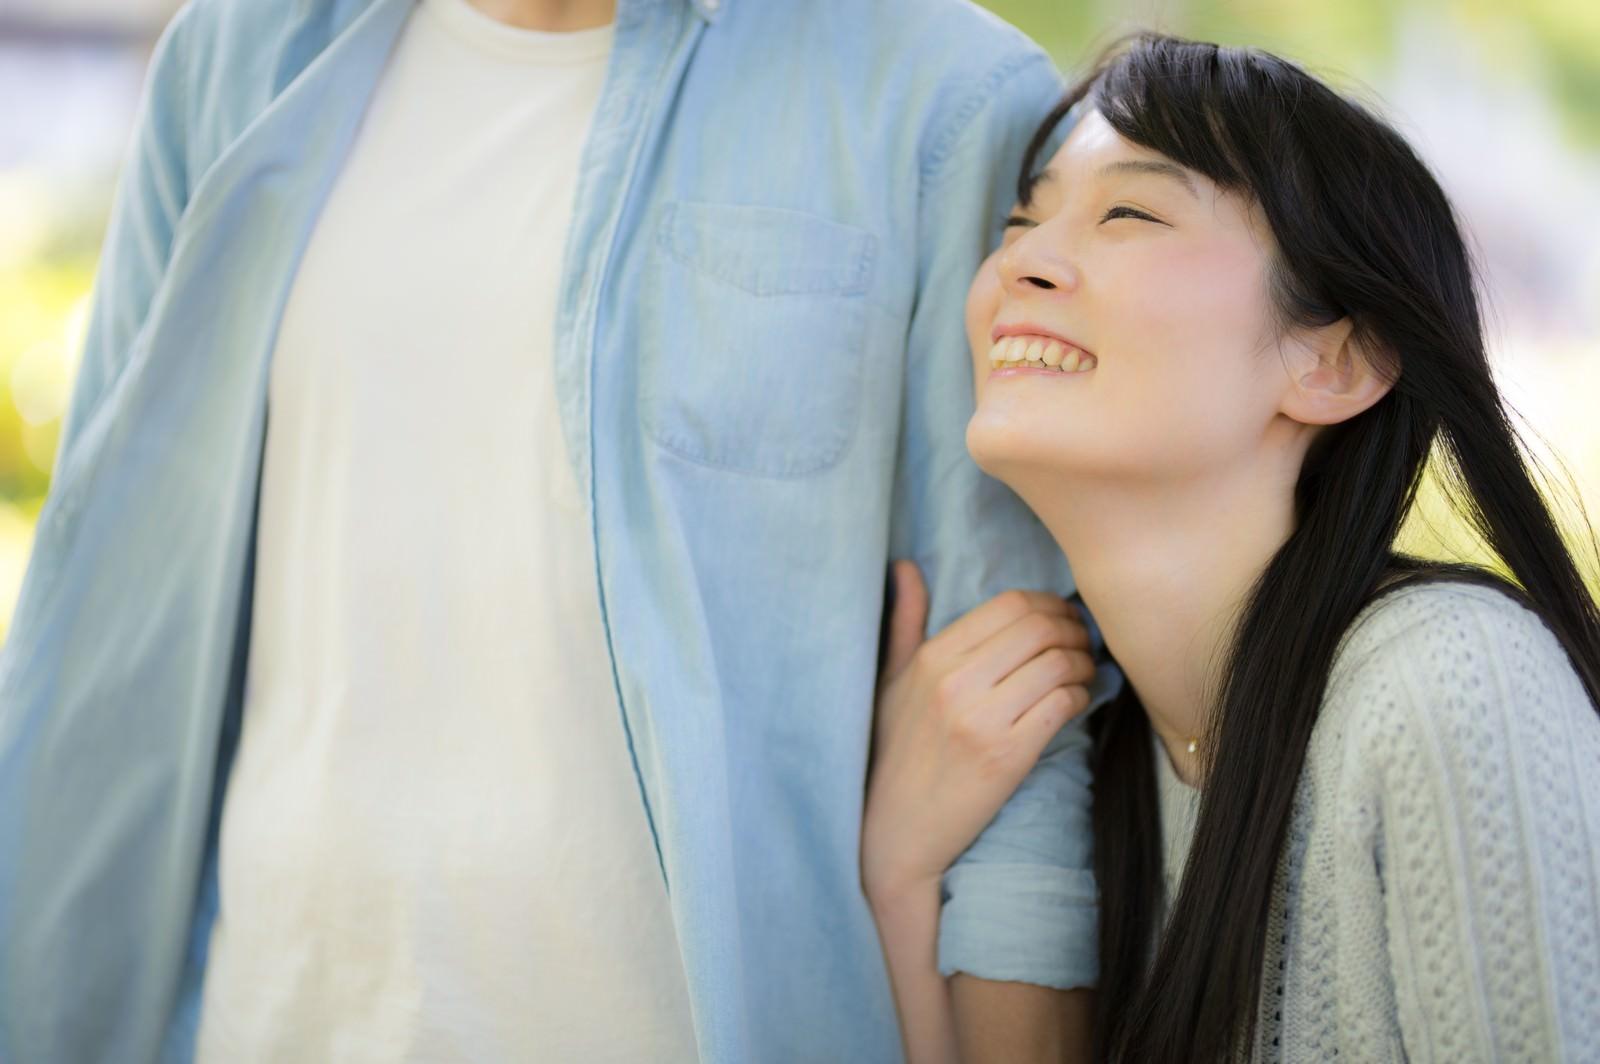 「彼の腕を抱きしめる。幸せデート真っ最中」の写真[モデル:たけべともこ]